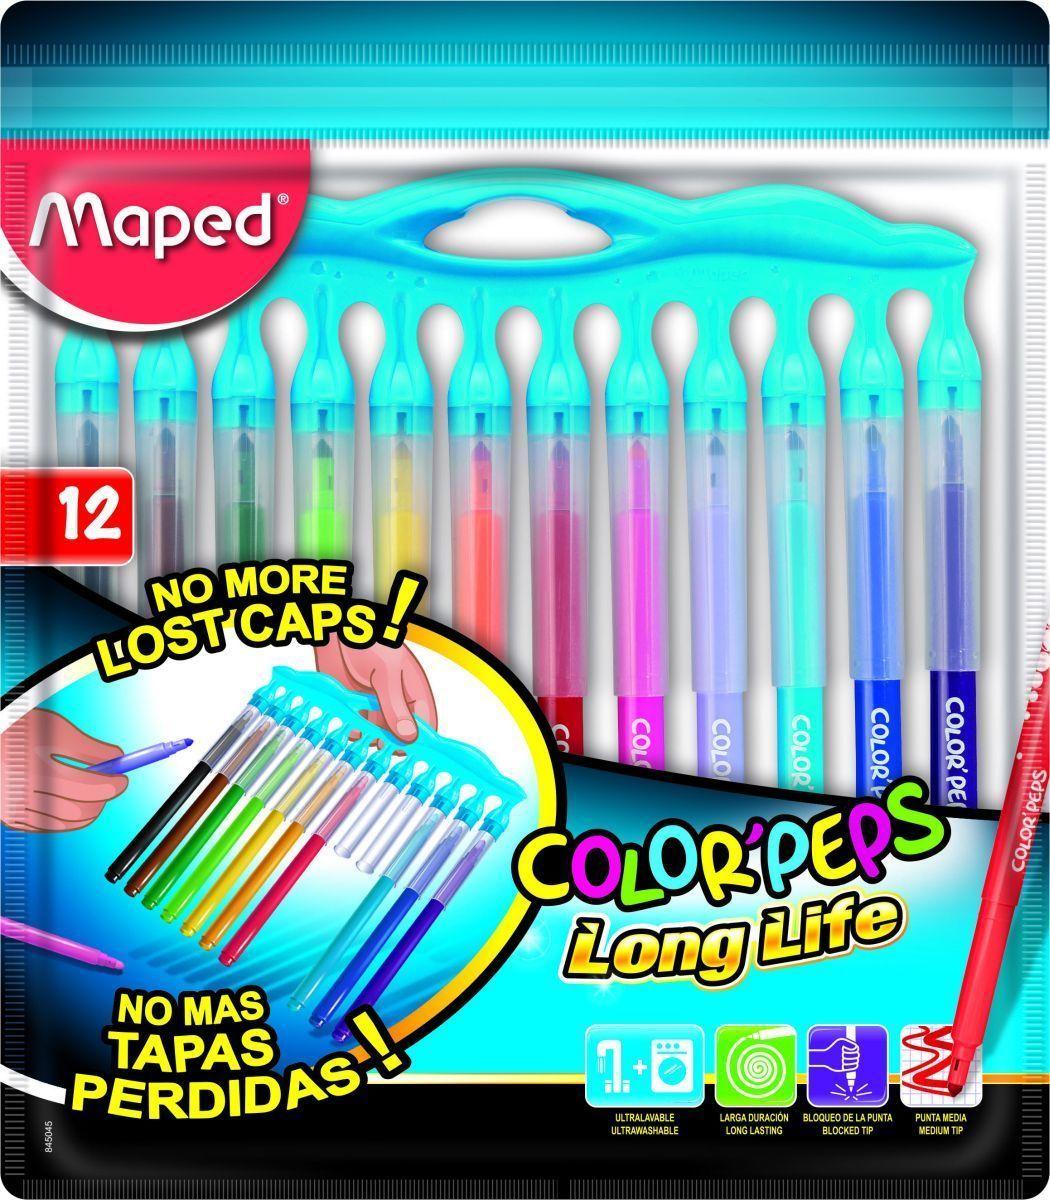 Фото - Maped Набор фломастеров Color Pep's Long Life 12 цветов maped фломастеры maped color peps long life 12 цветов